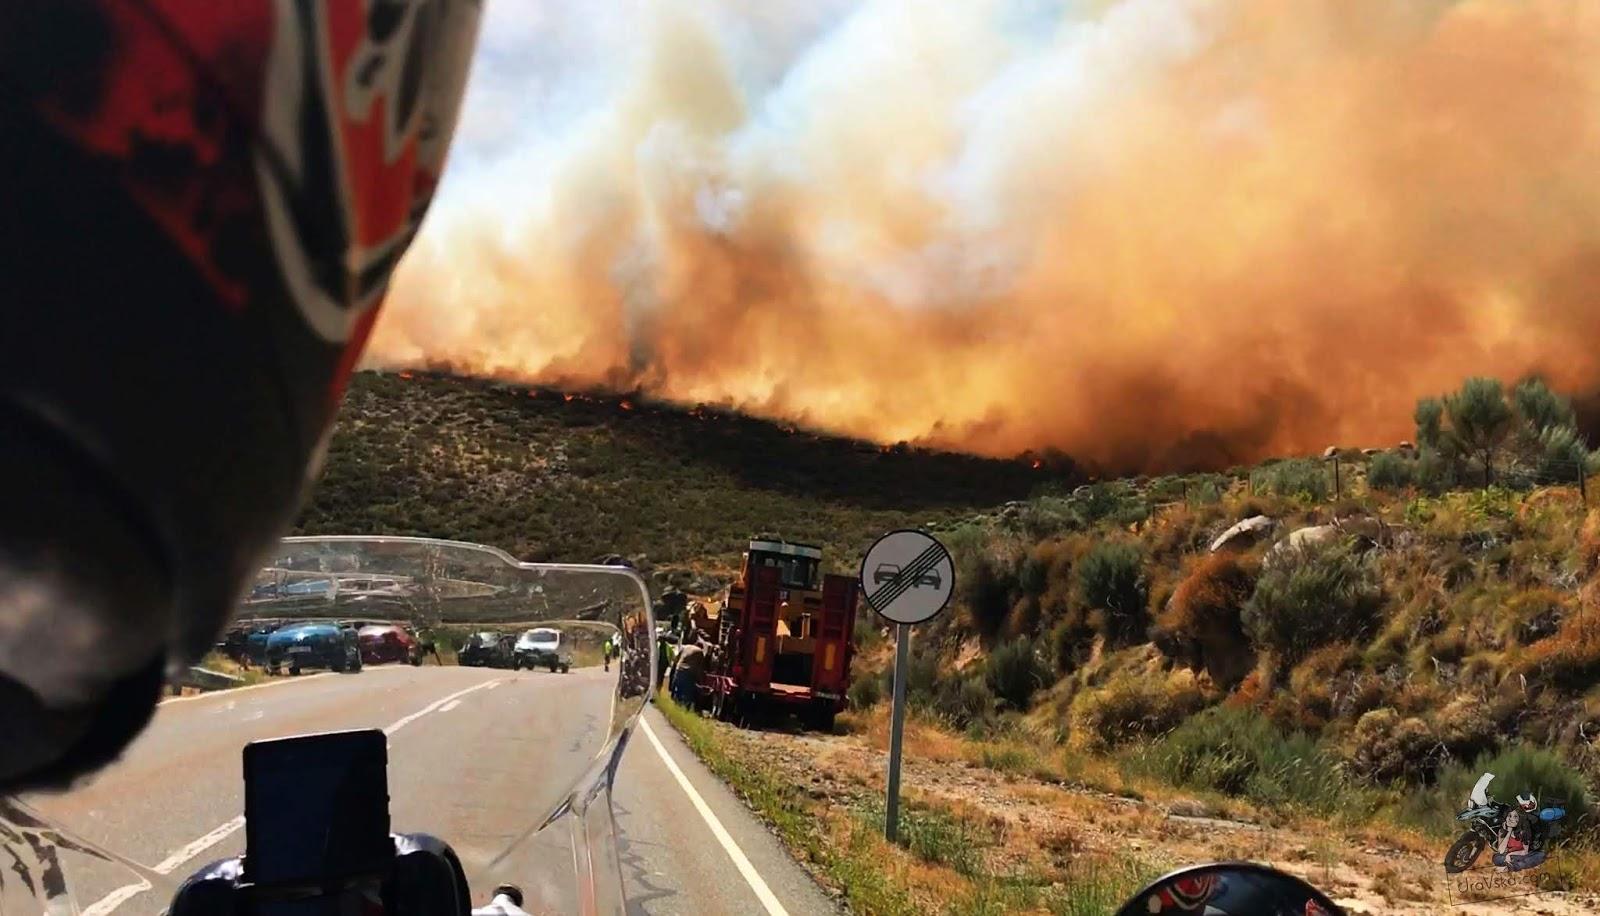 Pożary w Hiszpanii, Sierra de Gredos - MOTO EURO TRIP 2017: Z UK NA GIBRALTAR - DZIEŃ 10